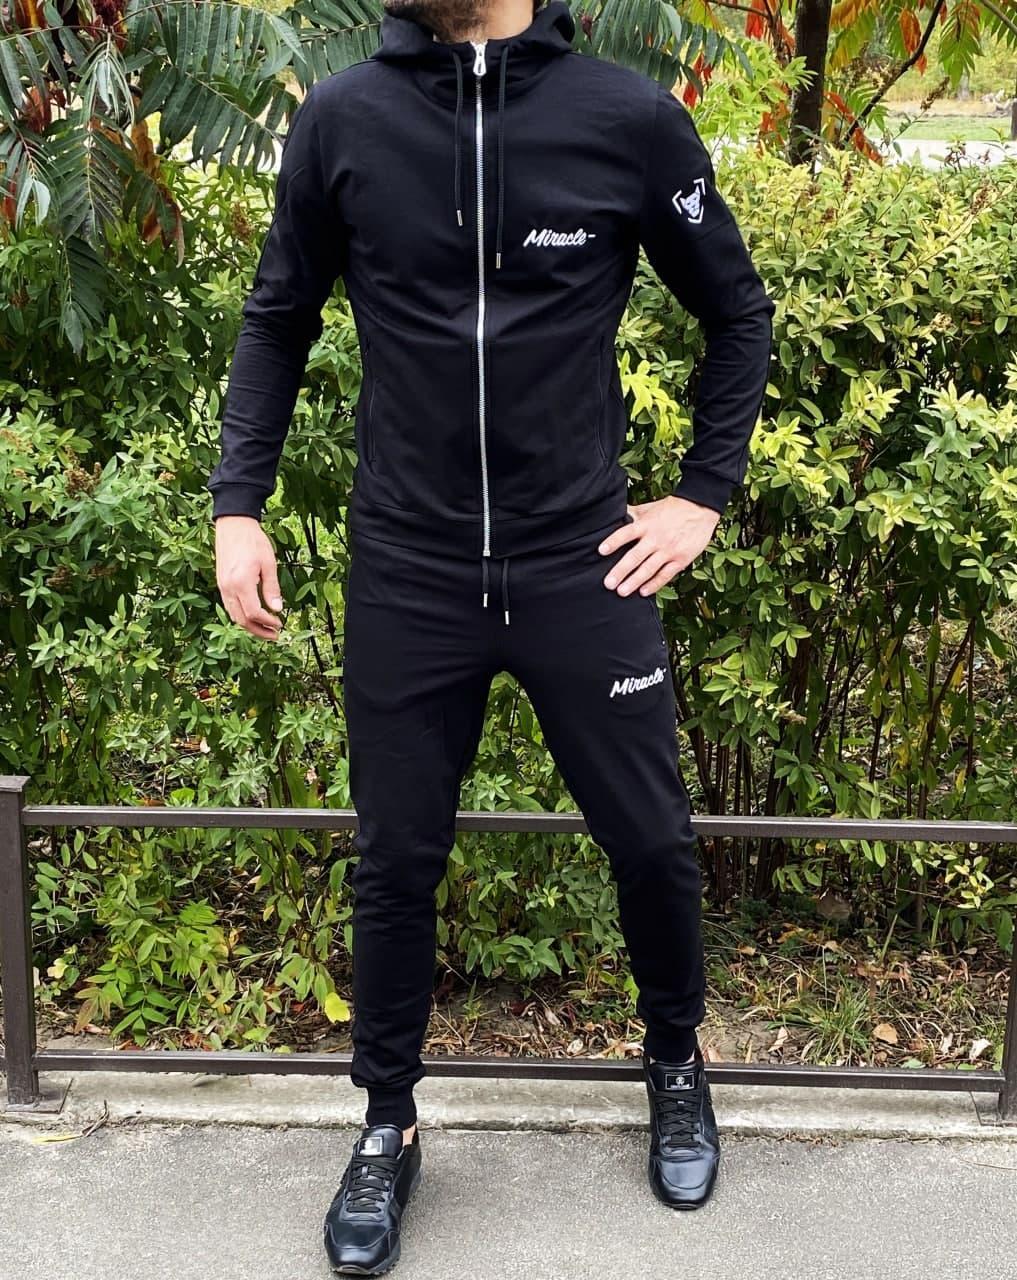 Miracle Example Мужкой чорний спортивний костюм з капюшоном весна осінь.Кофта+штани з манжетами